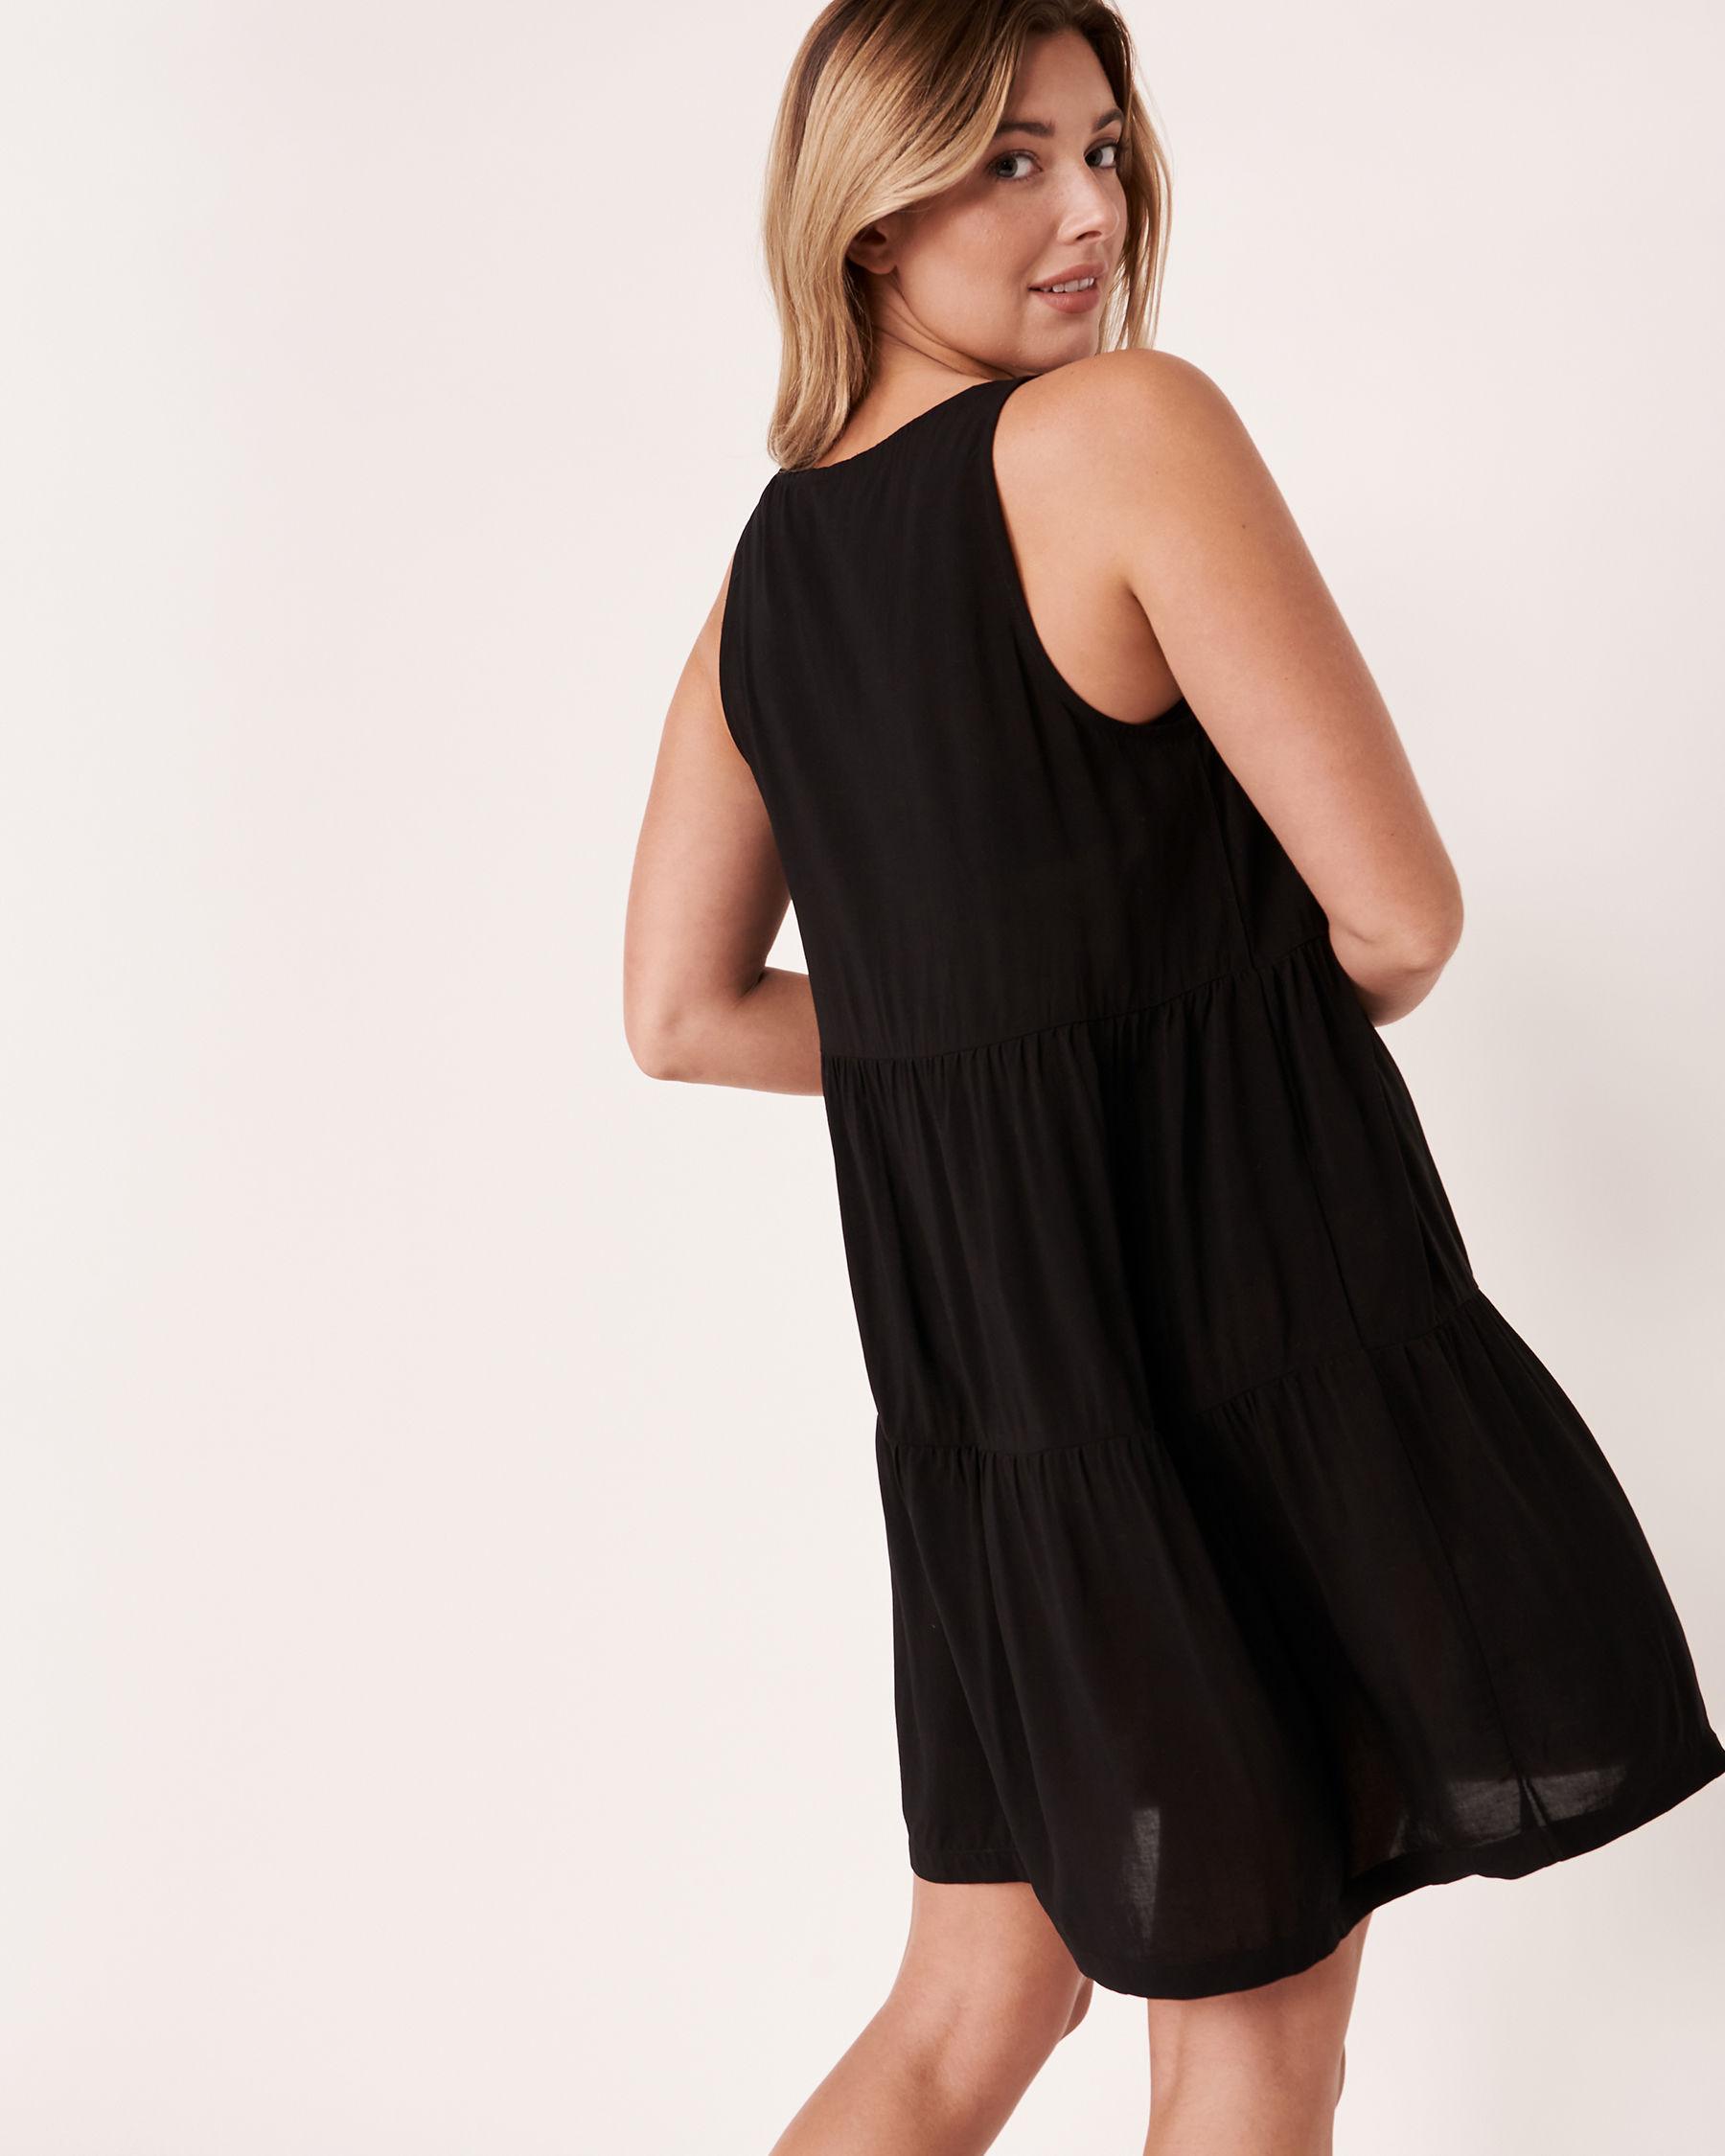 LA VIE EN ROSE AQUA Short Layered Dress Black 80300015 - View2